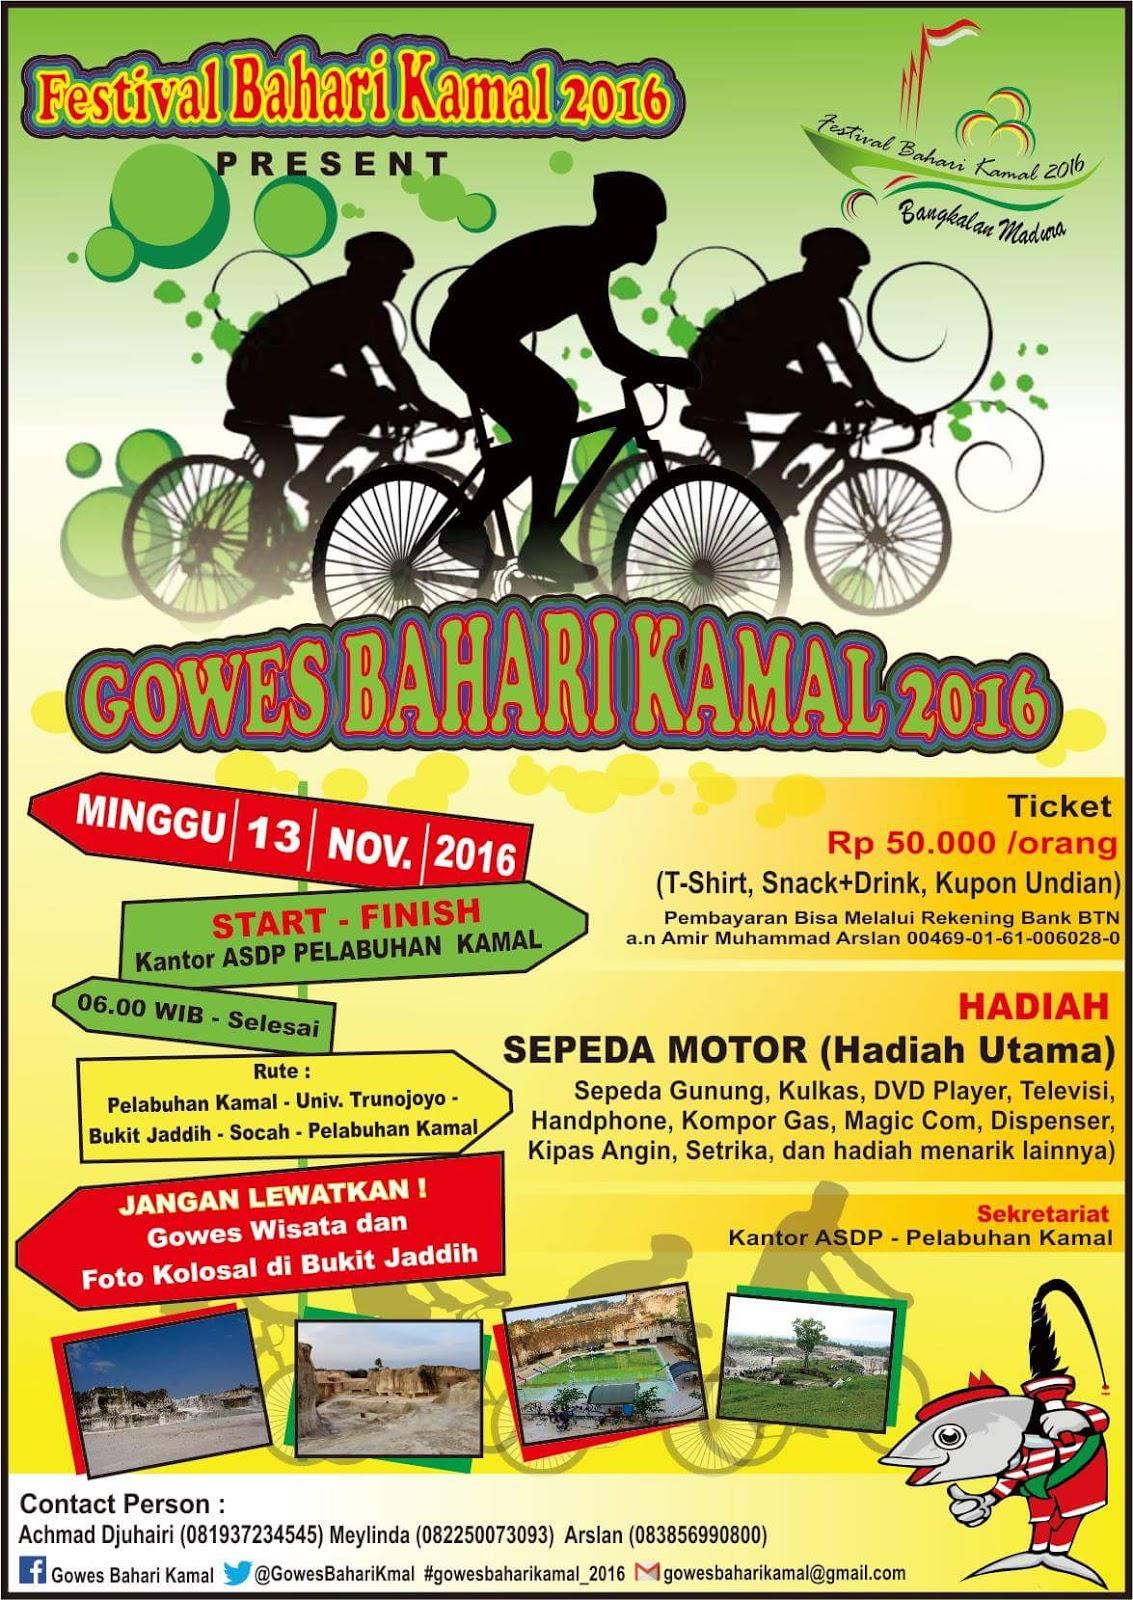 Gowes Bahari Kamal 2016